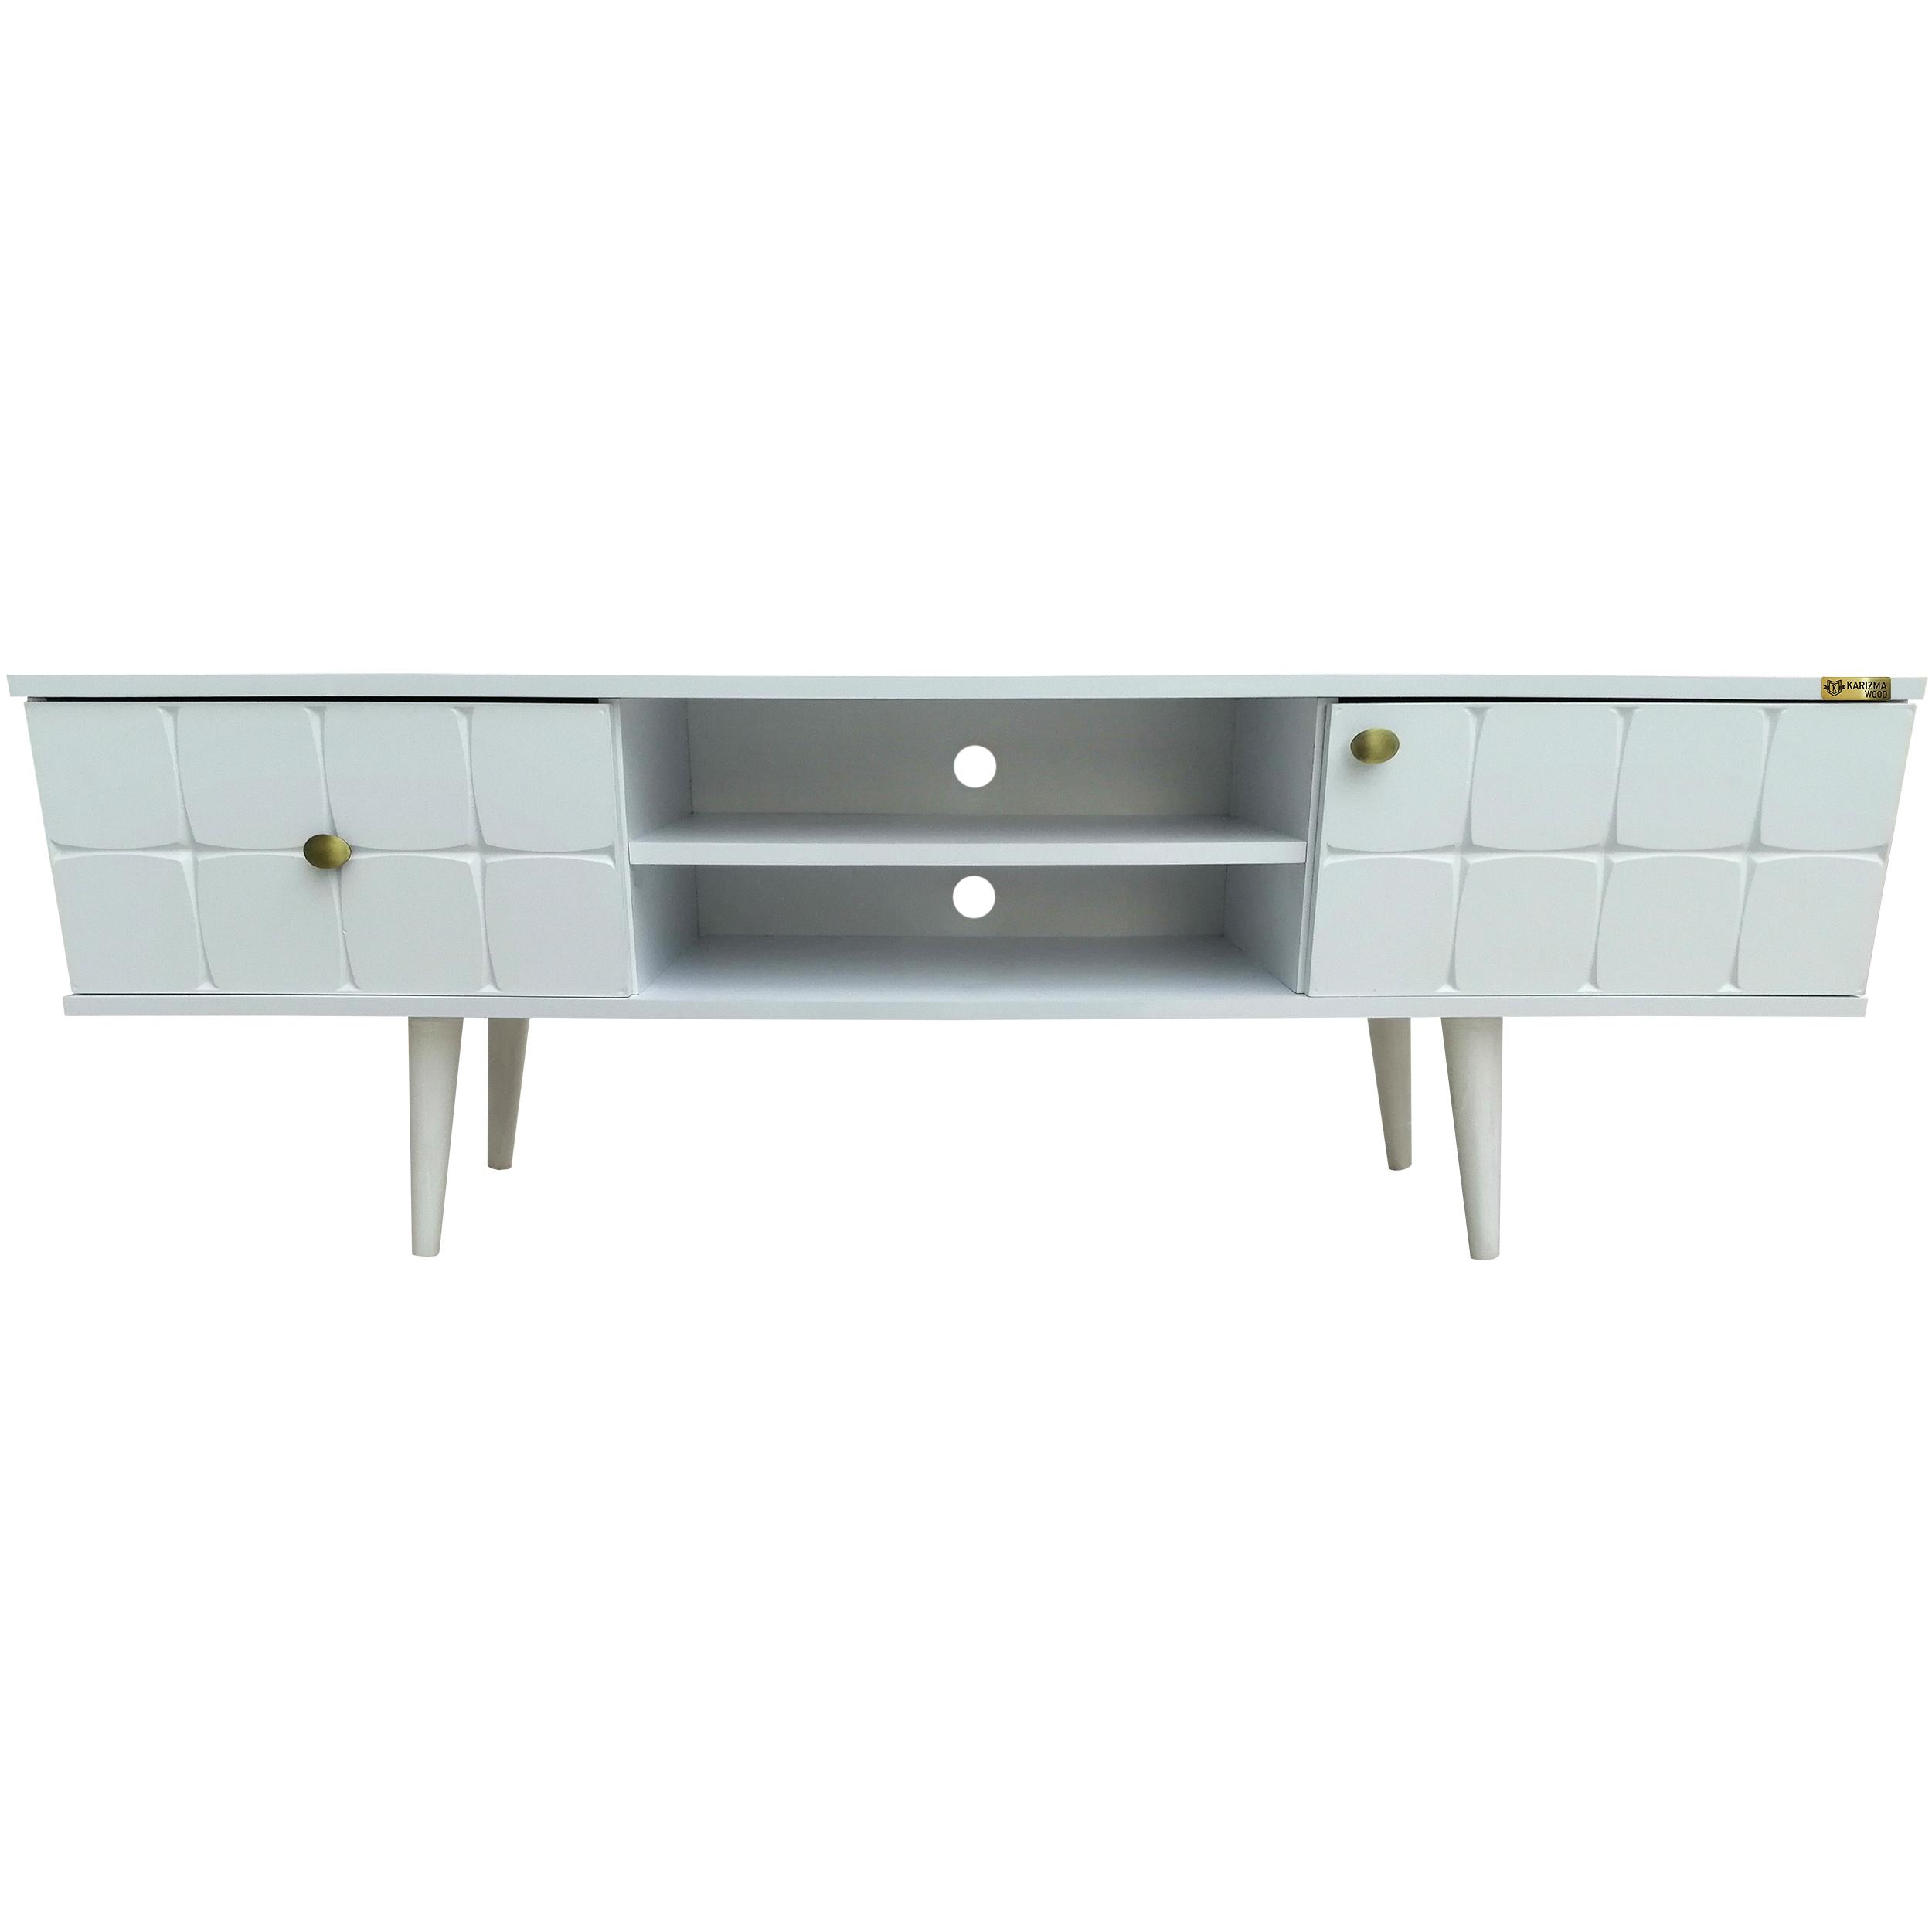 خرید اینترنتی میز تلویزیون کاریزما وود مدل W.213 اورجینال